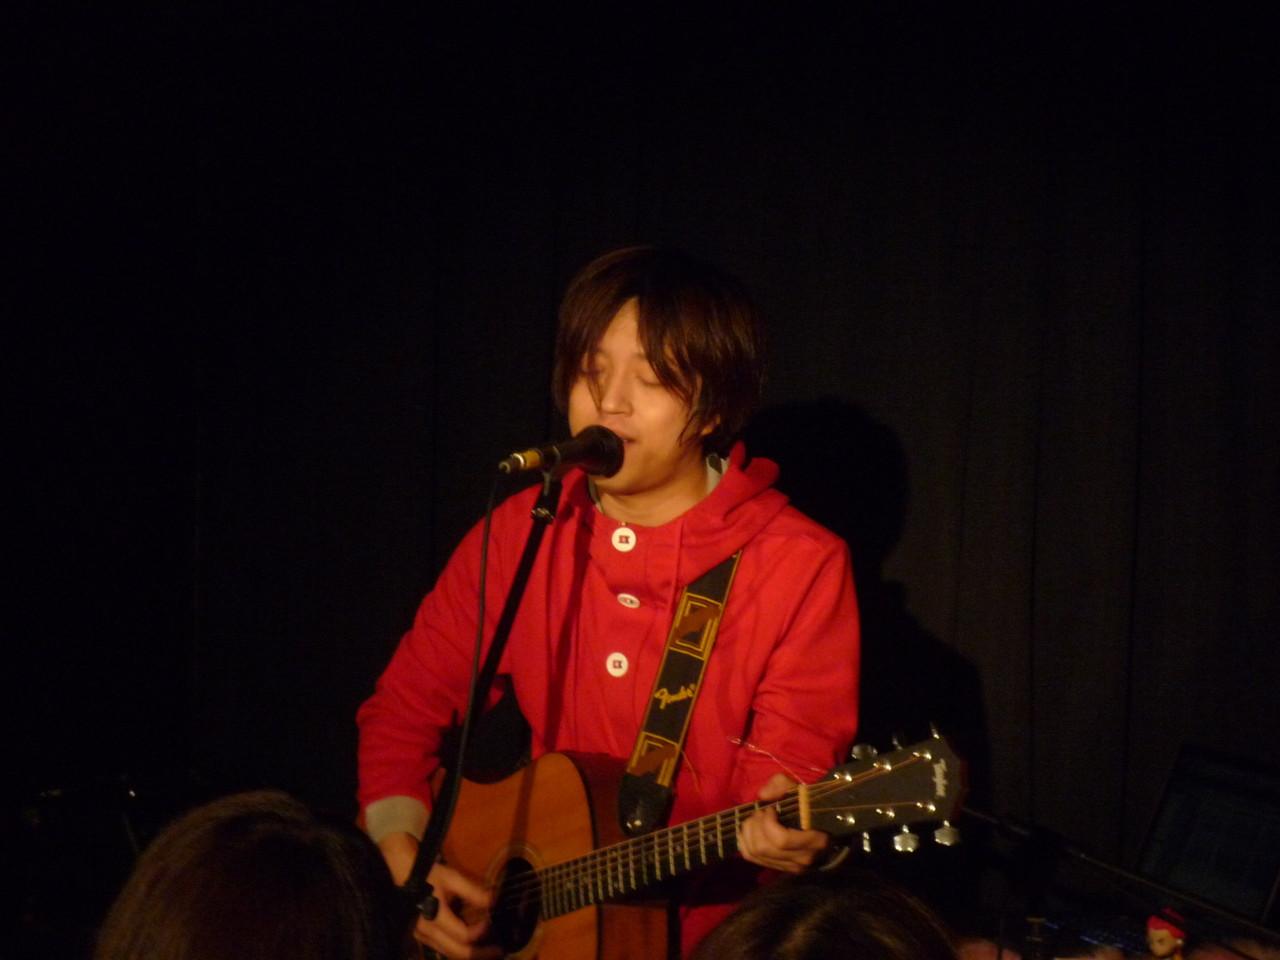 CUTTさんの素晴らしい歌声と楽しいトークで会場は最高に盛り上がりました!